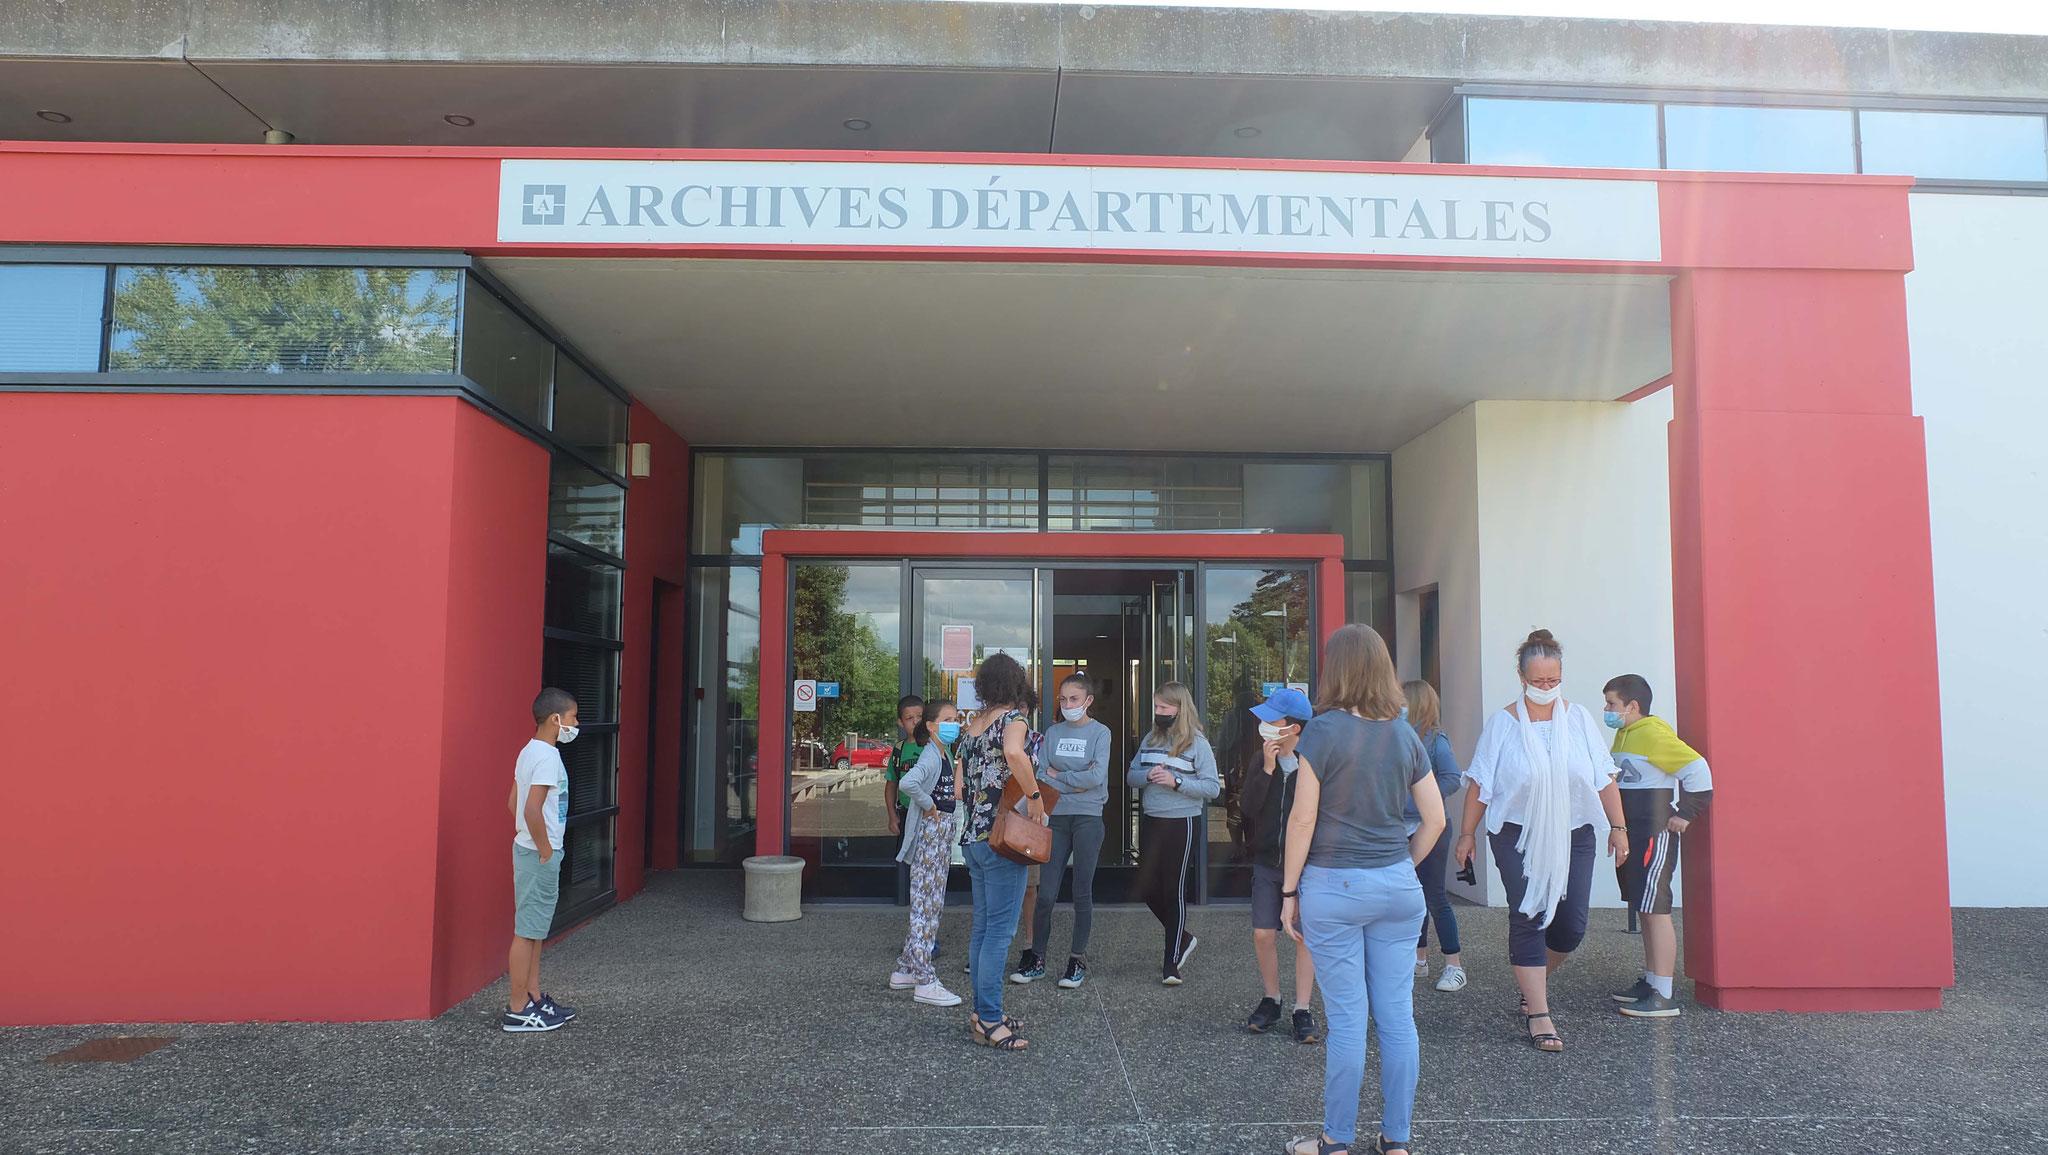 Les Archives Départementales à Auch